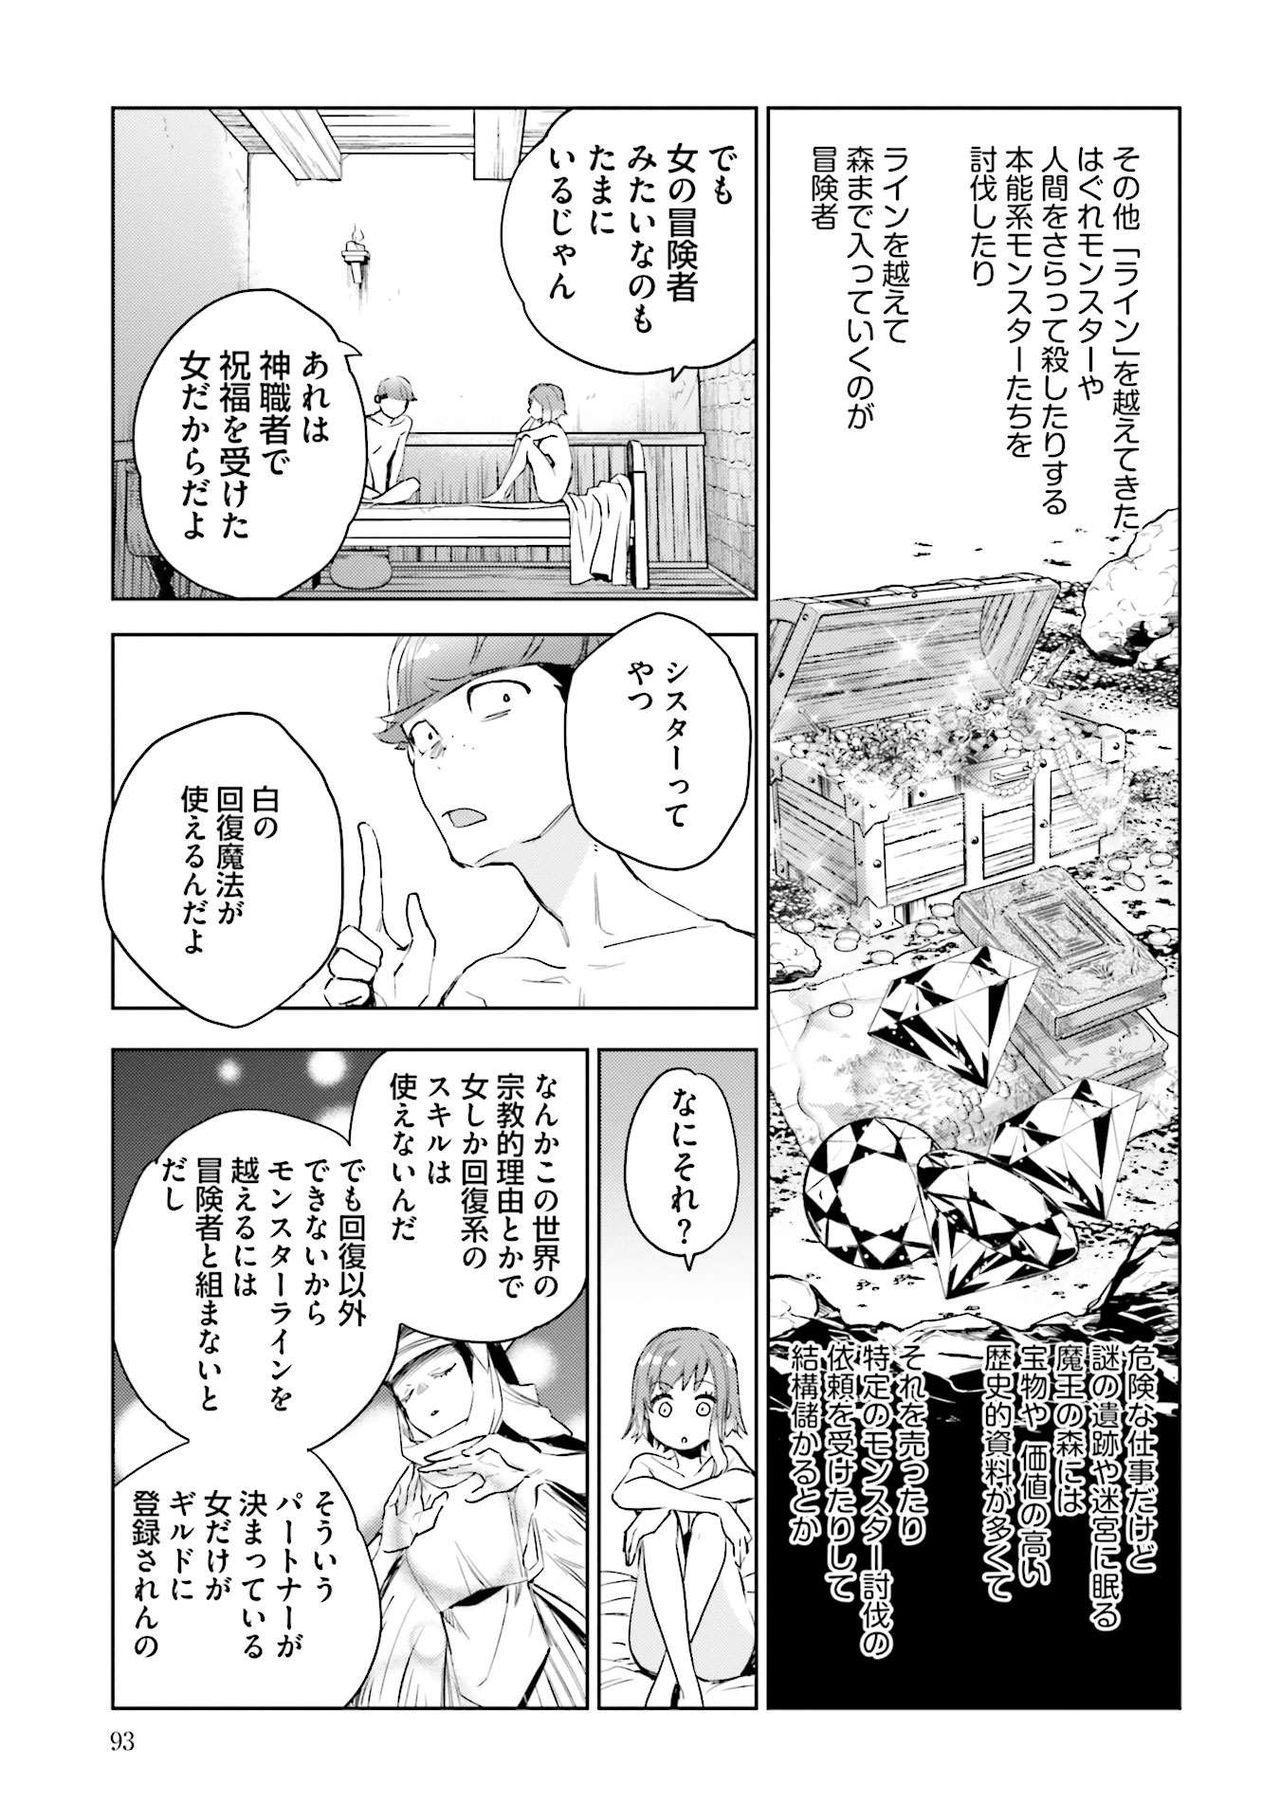 JK Haru wa Isekai de Shoufu ni Natta 1-14 94